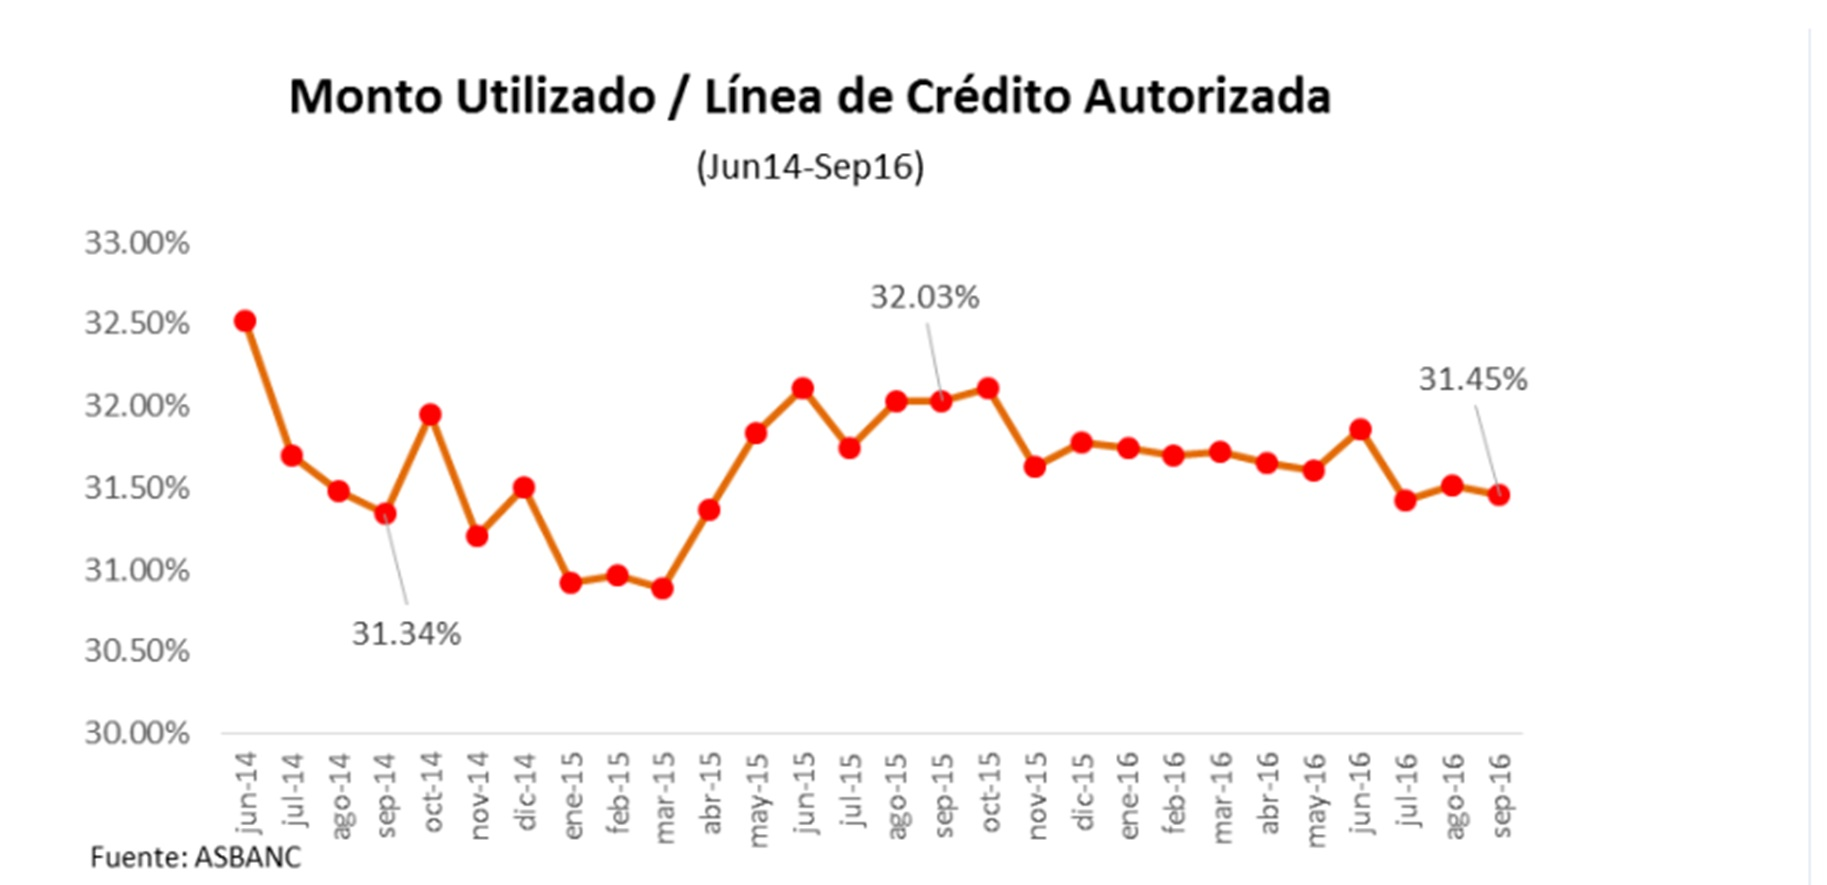 Asbanc: Financiamiento con tarjetas de crédito sube 8.46% en setiembre